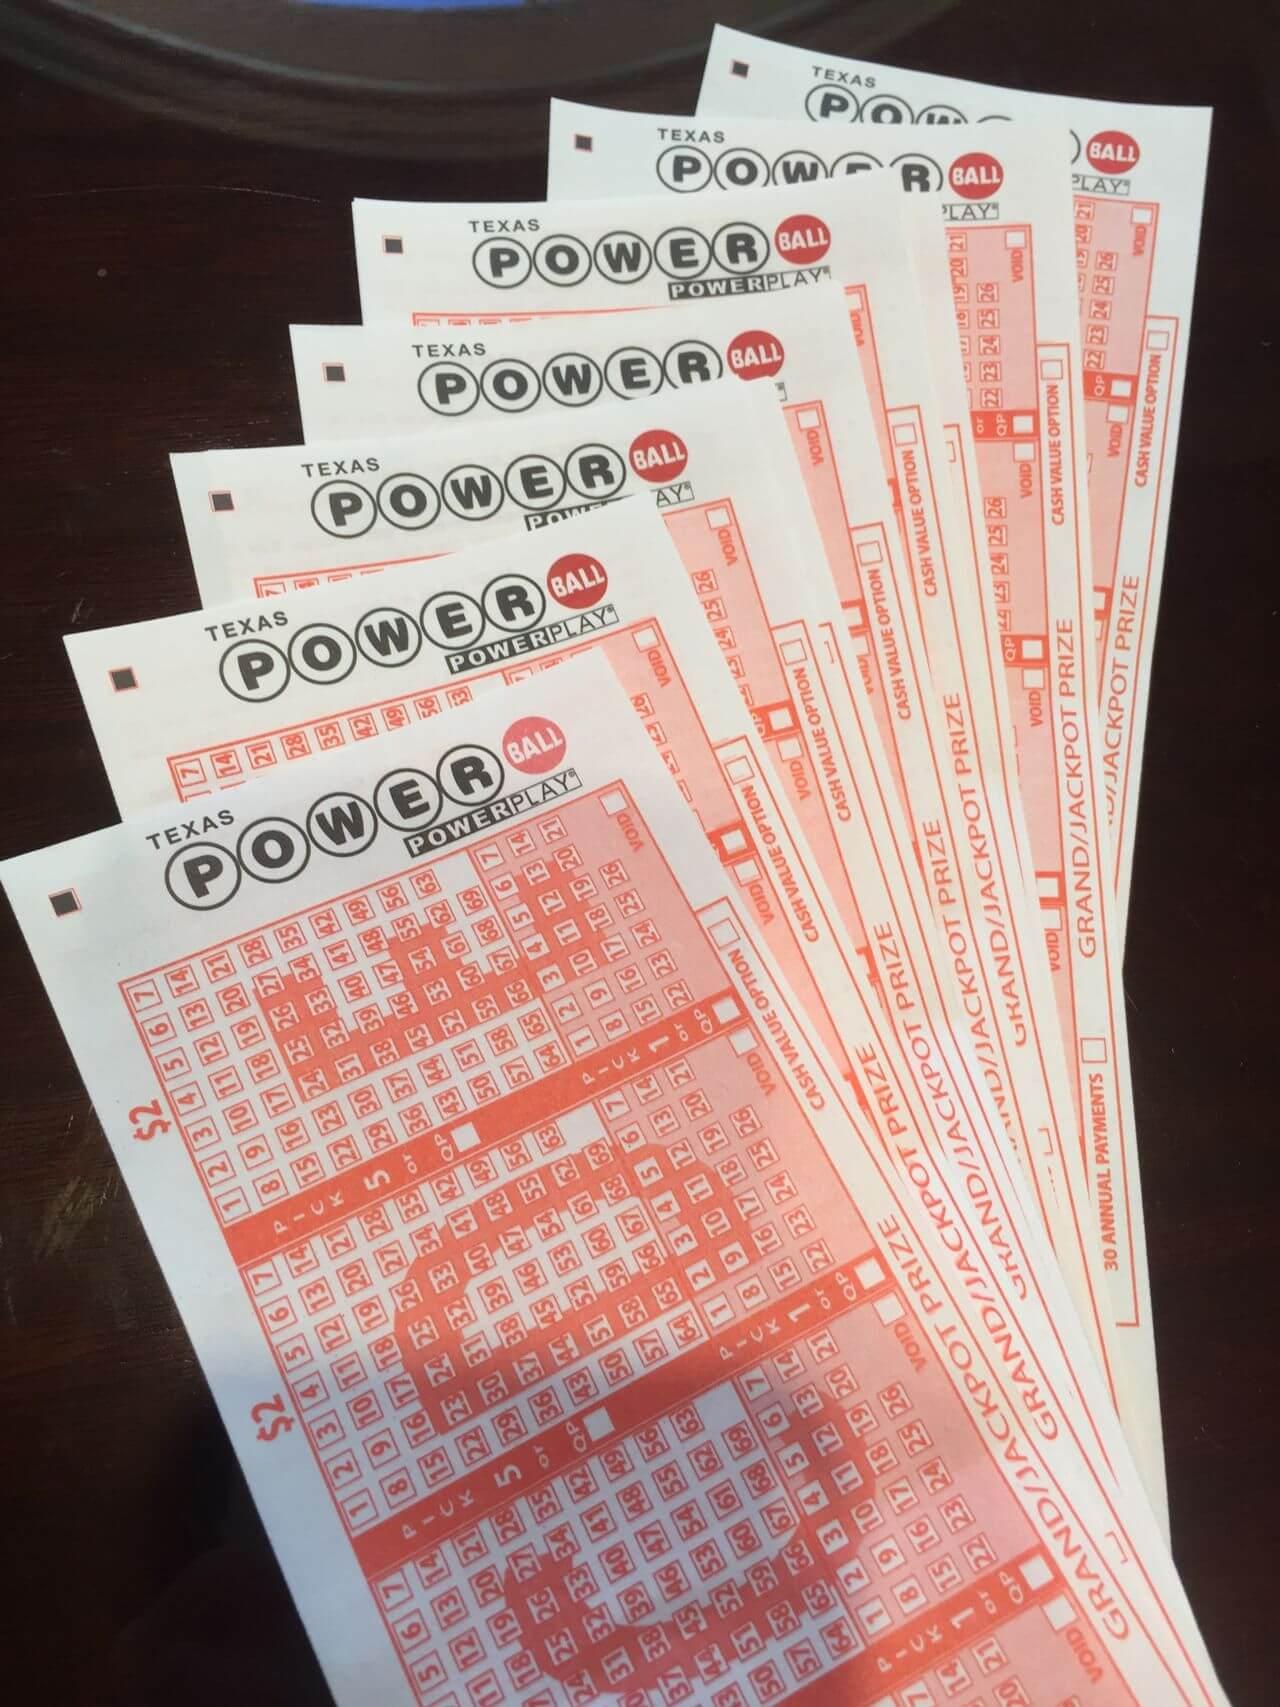 power-ball-jackpot